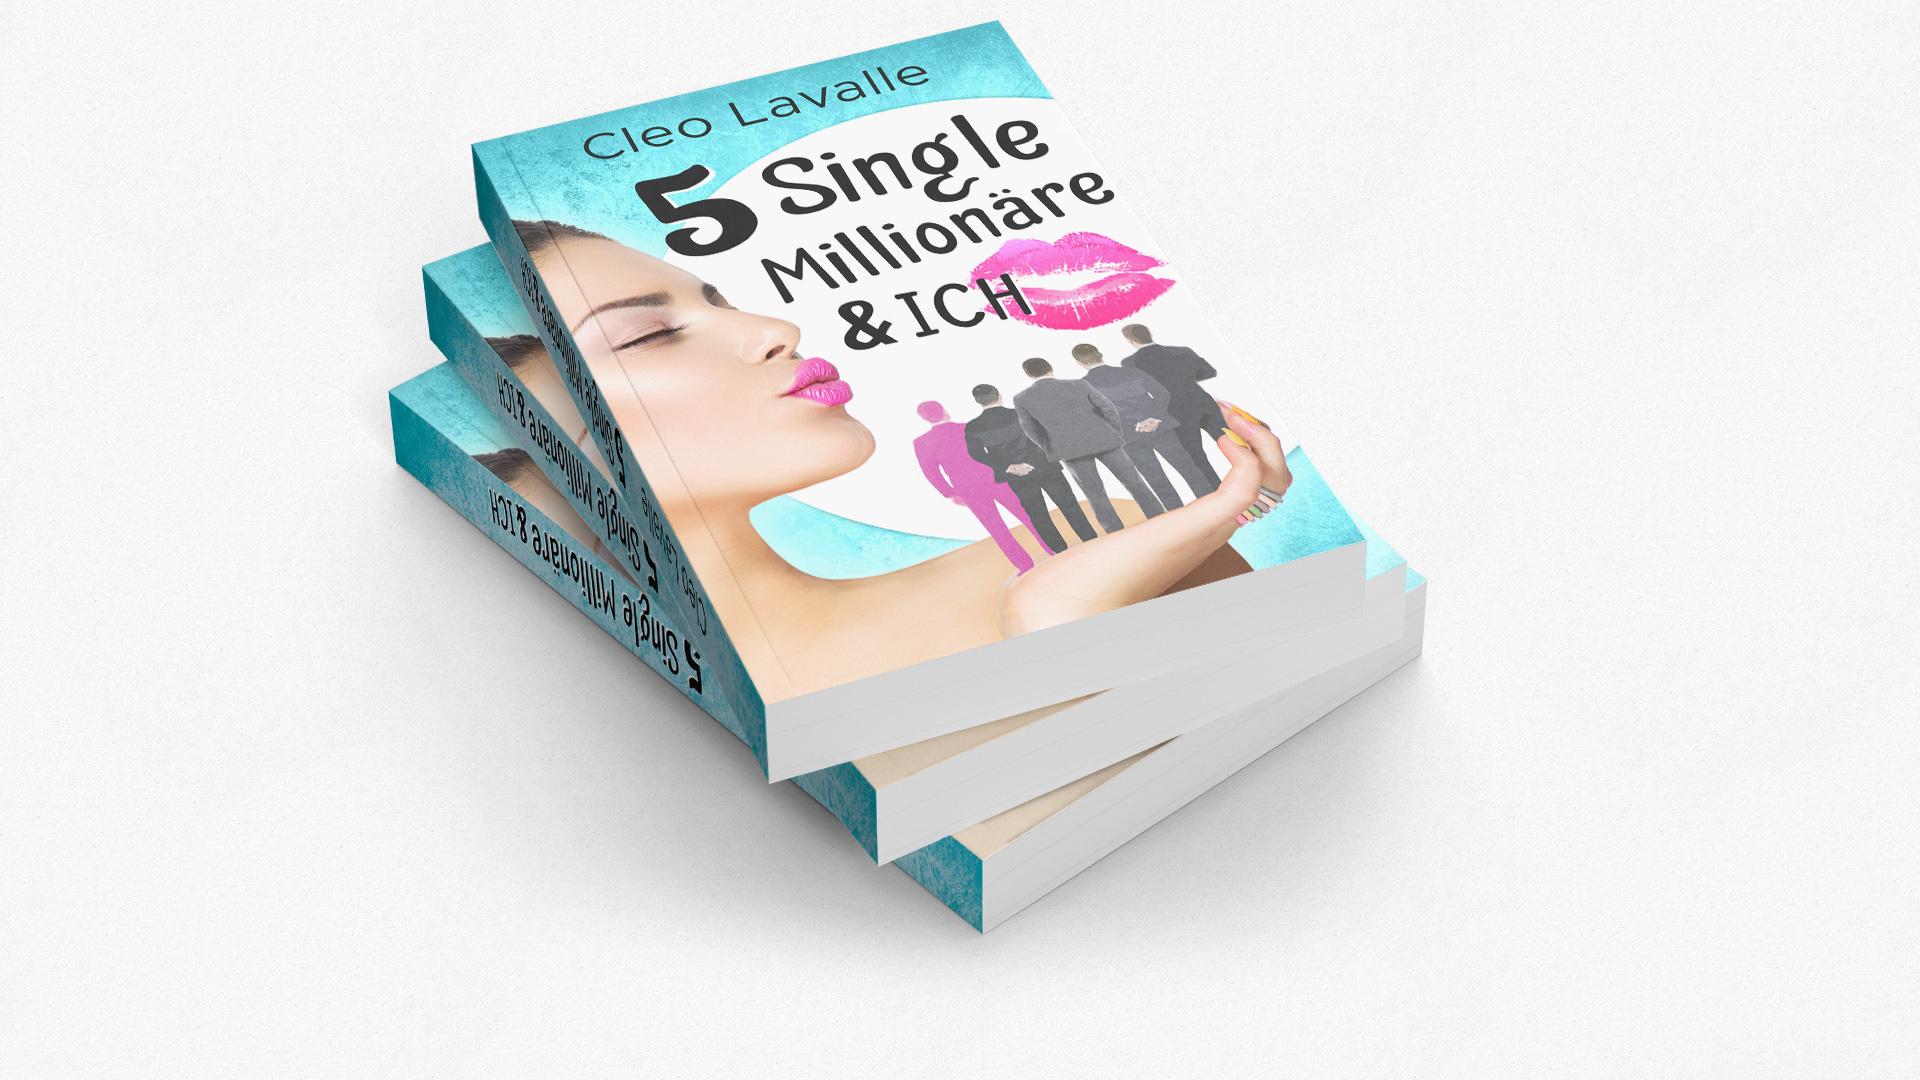 5 Single Millionäre & ICH